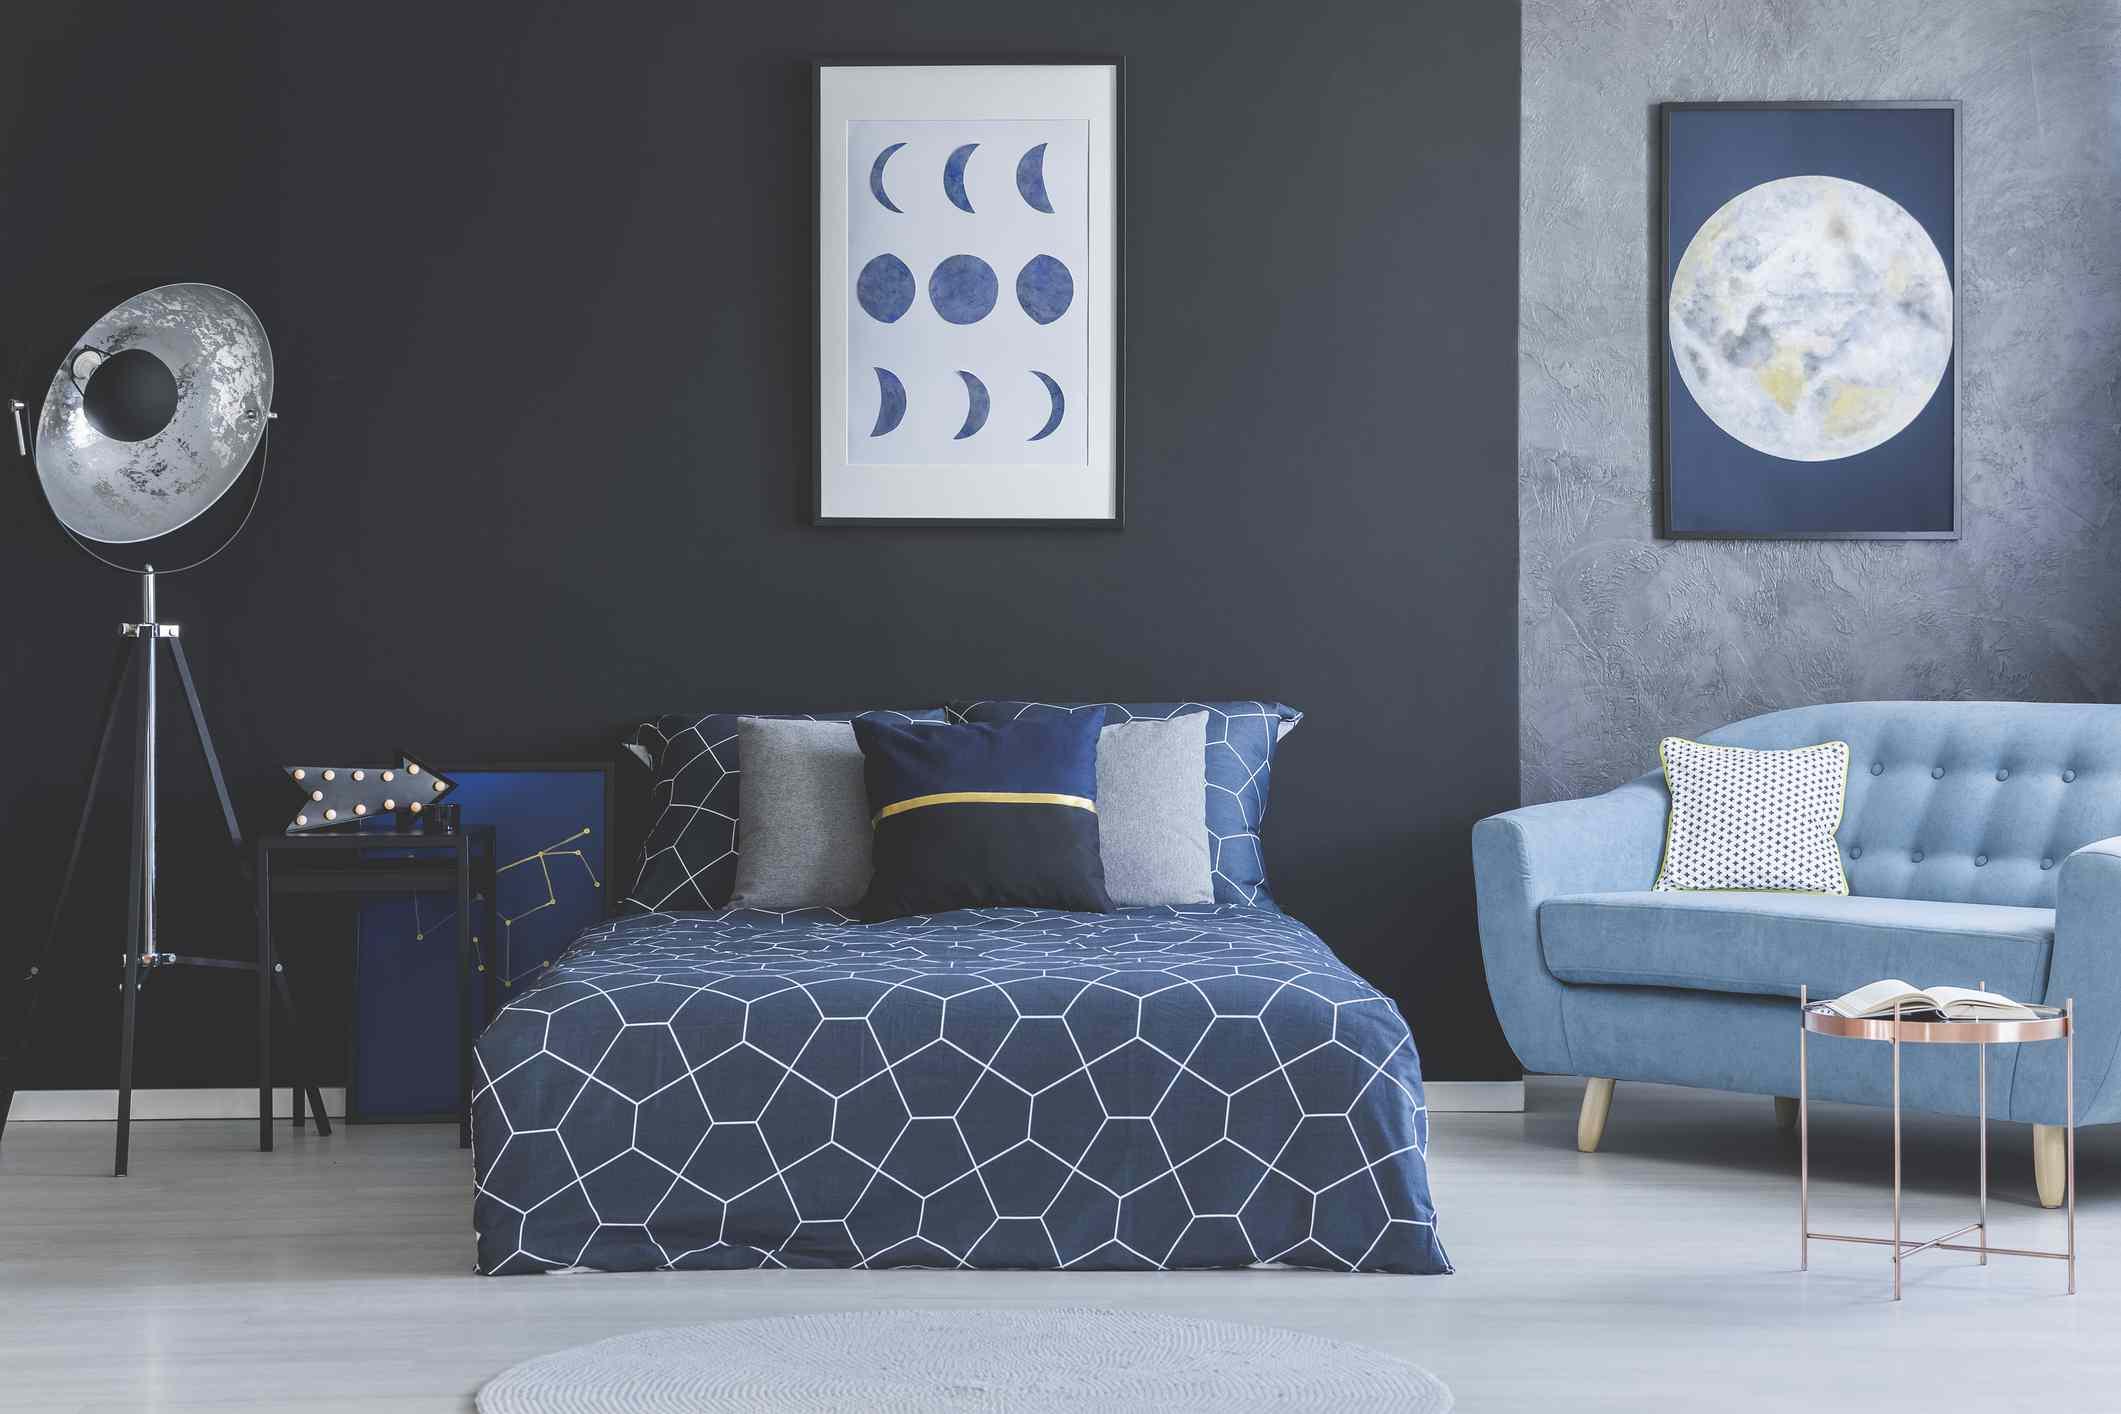 dark blue bedroom with starry motif